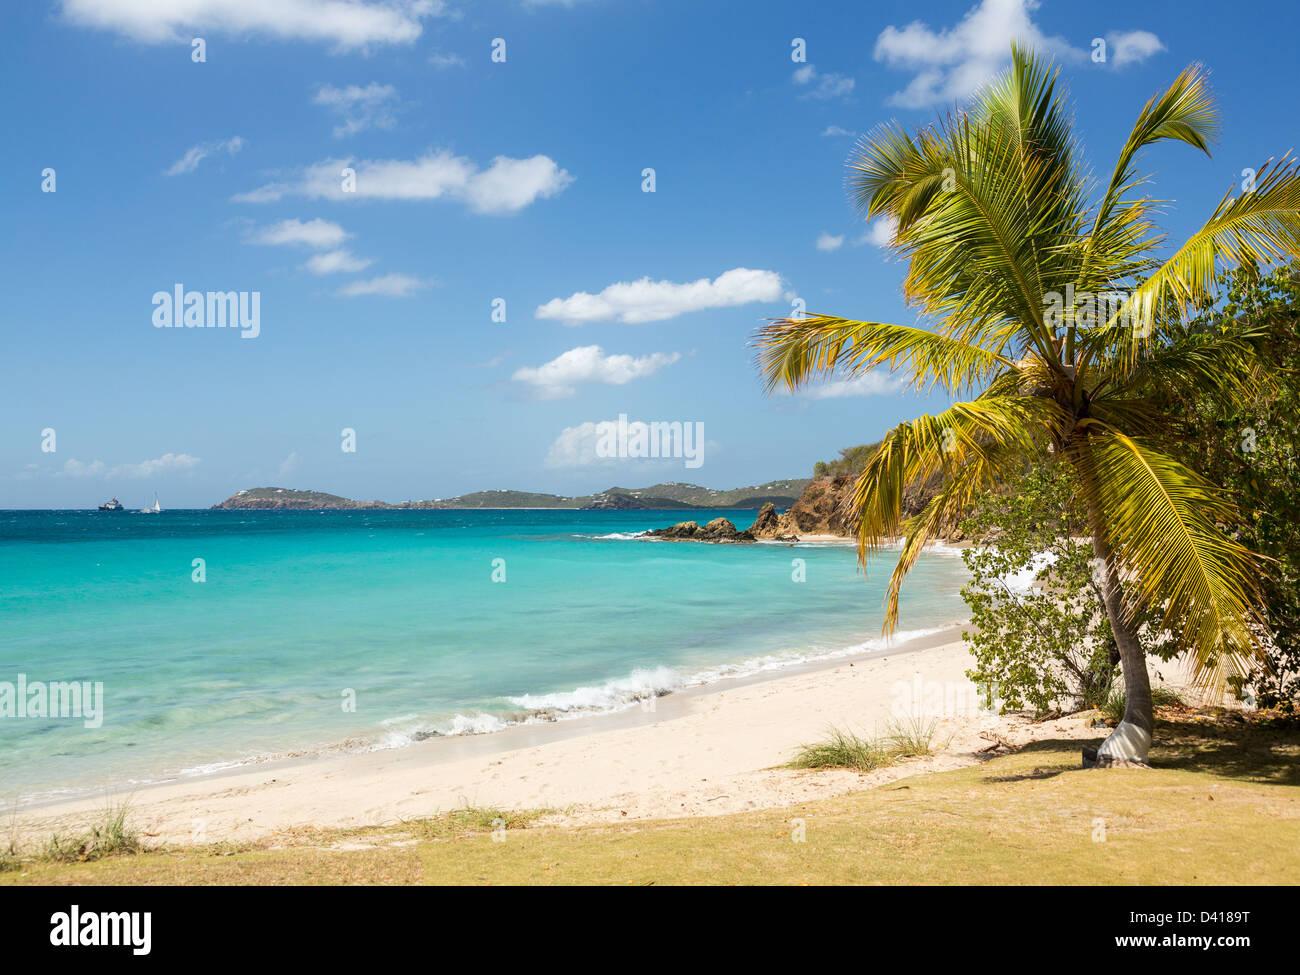 Spiaggia di scena sul isola di San Tommaso in Isole Vergini Americane USVI con Palm tree Immagini Stock